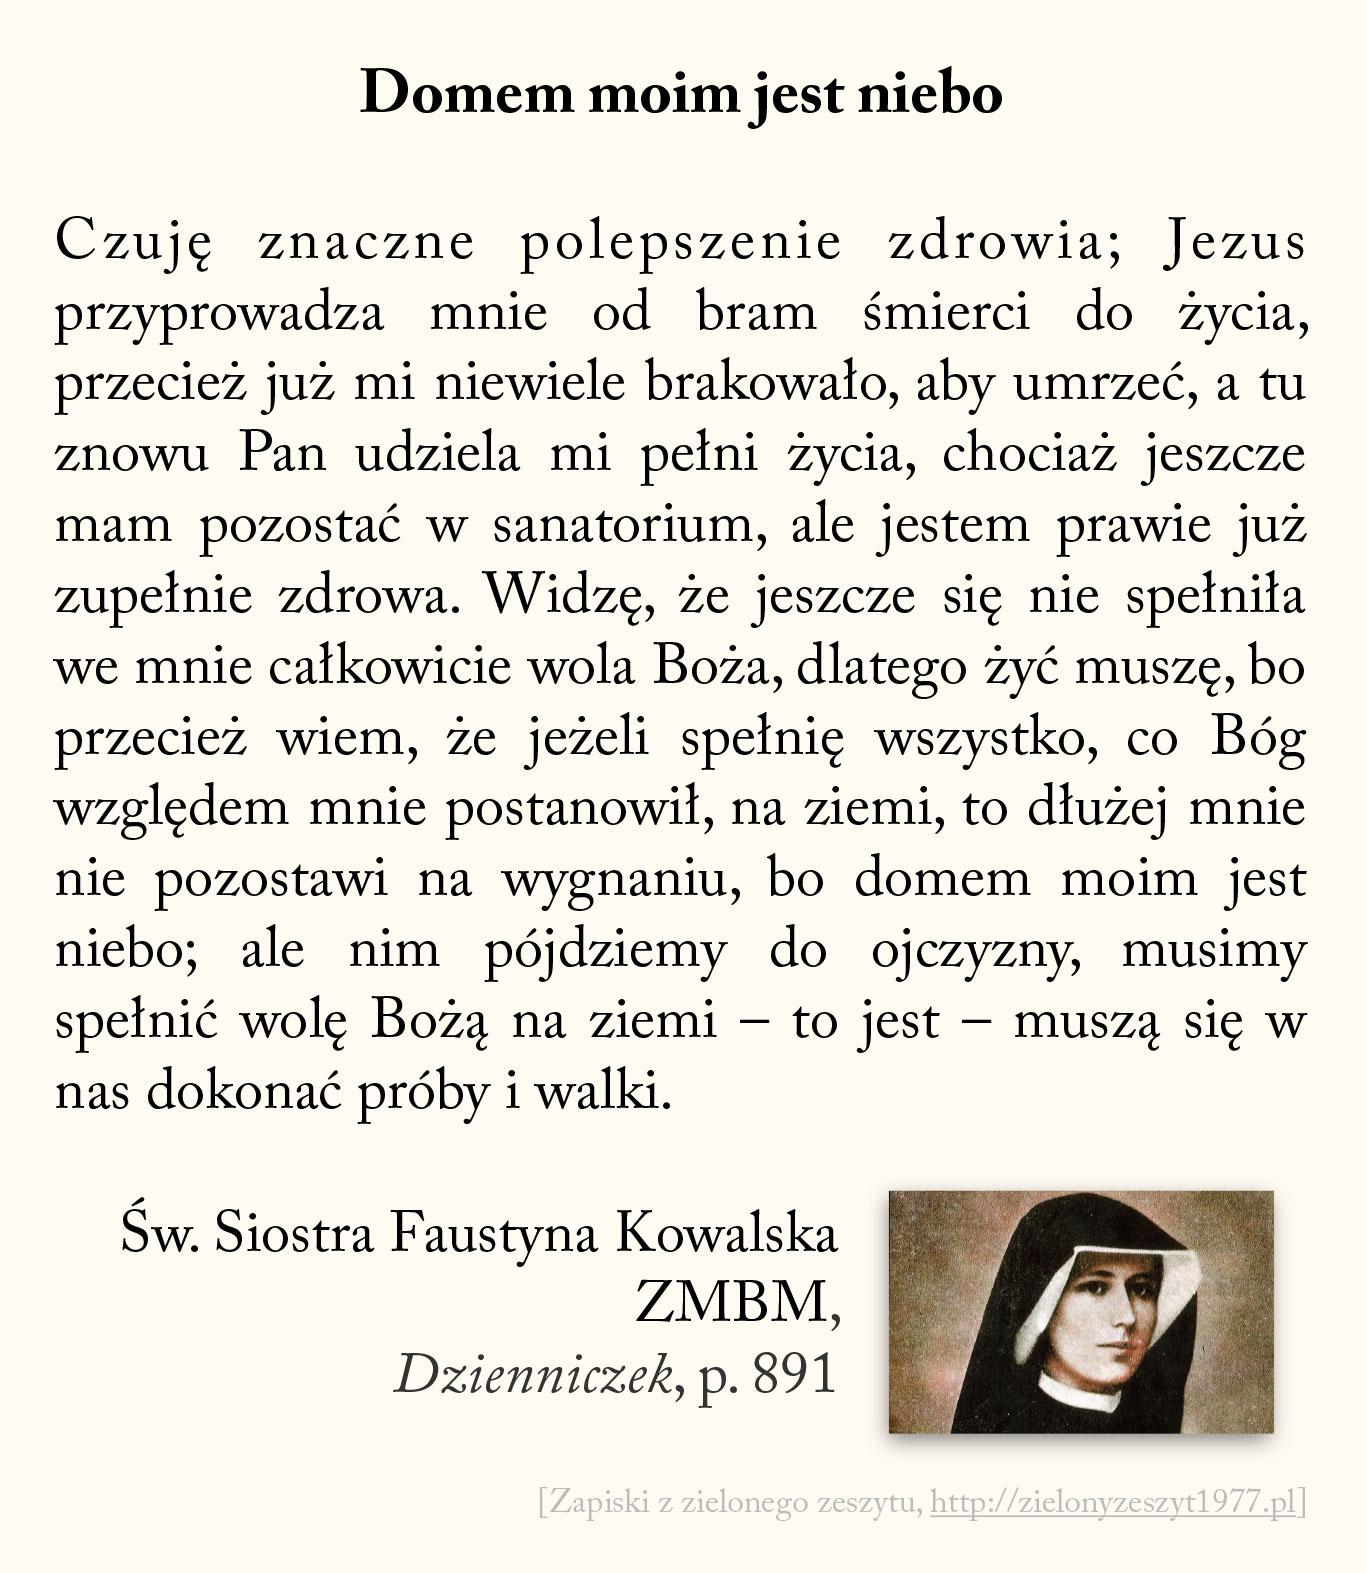 Domem moim jest niebo, św. Faustyna Kowalska